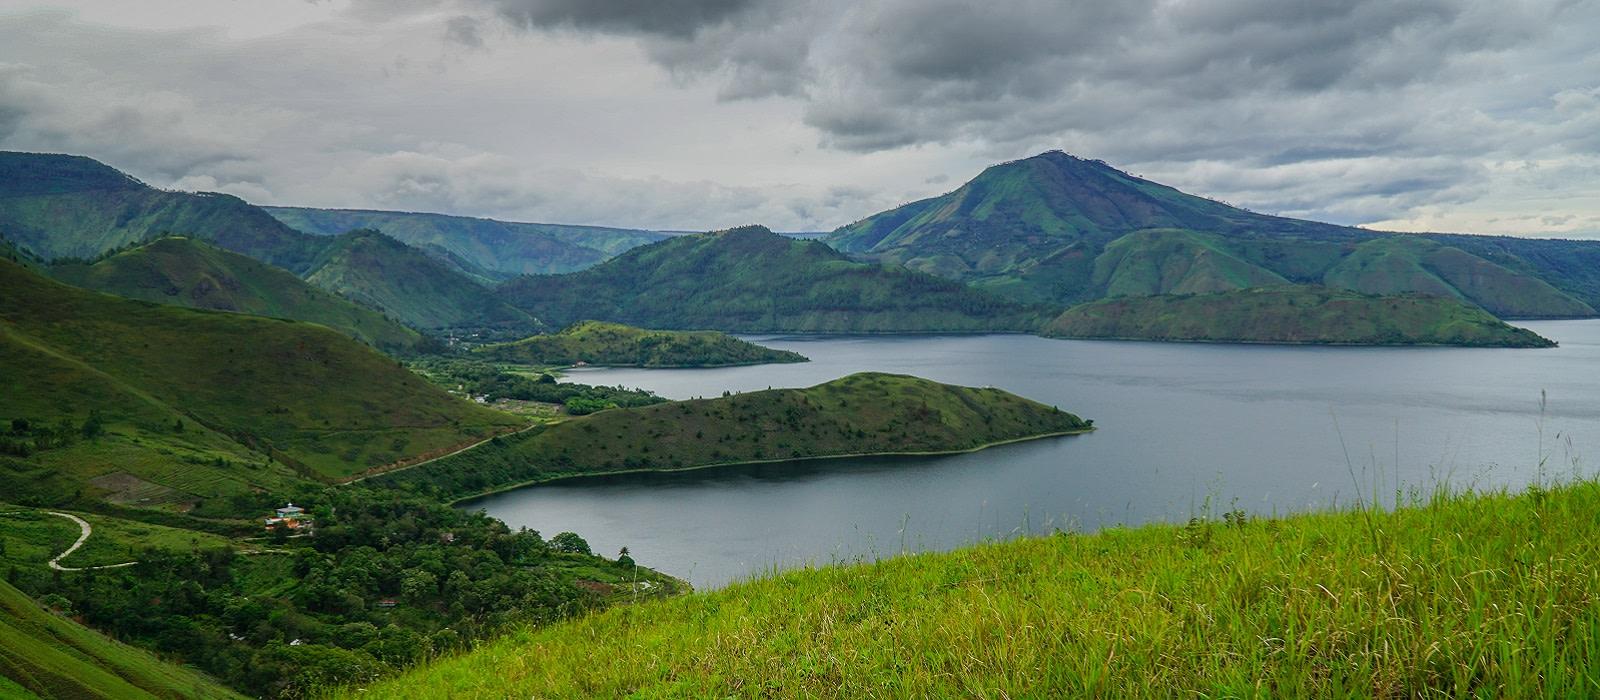 Höhepunkte von Sulawesi & Sumatra Urlaub 1